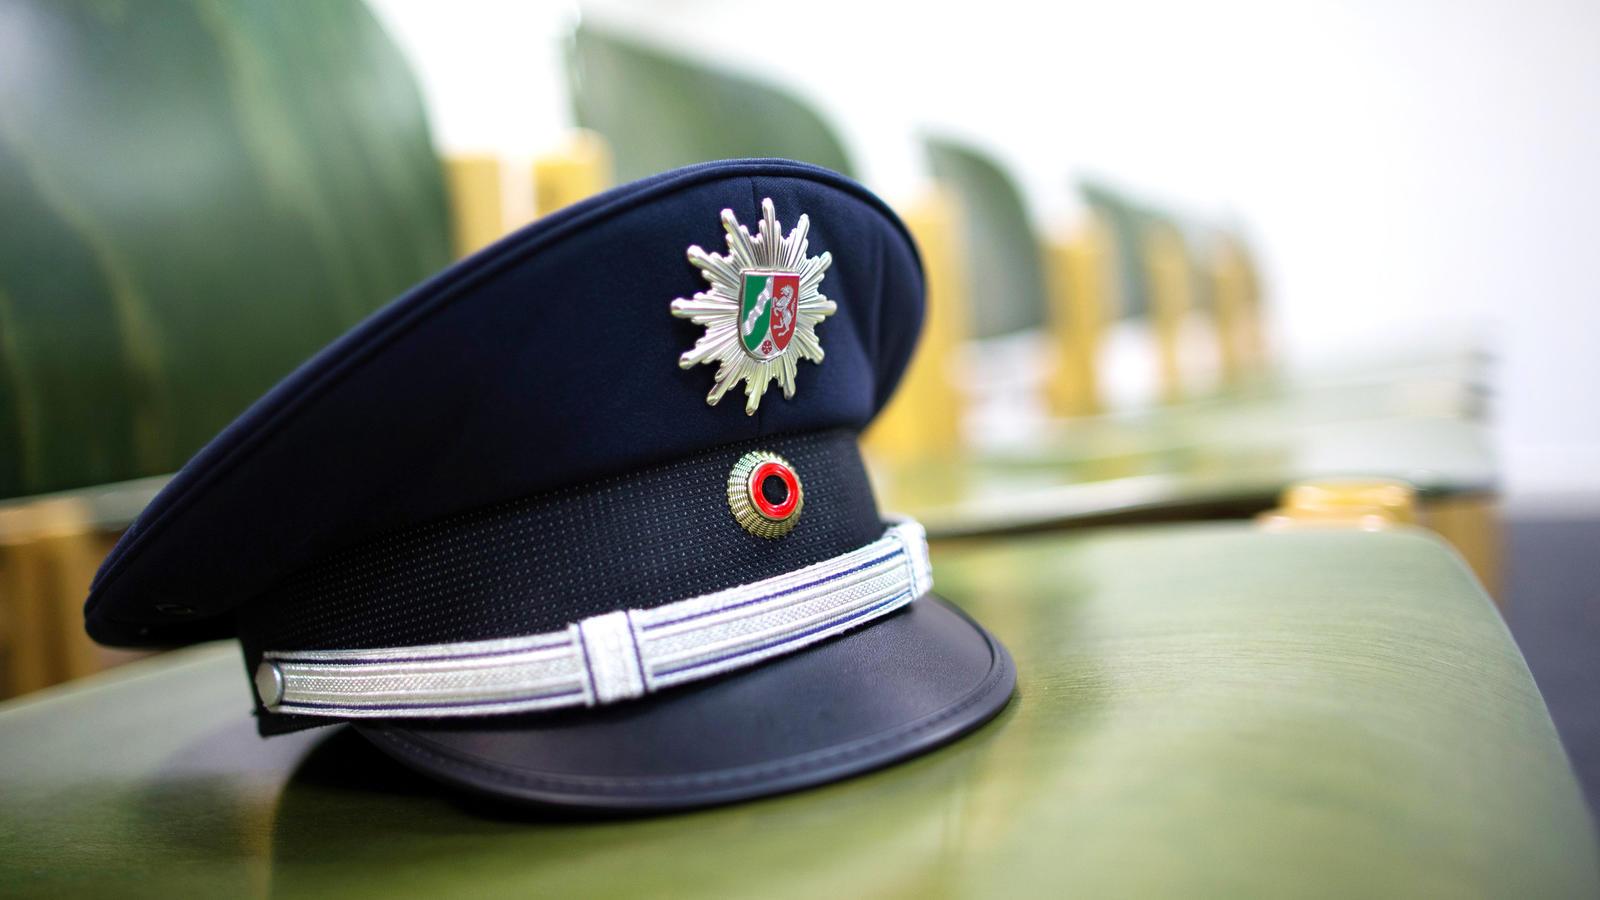 Mindestgröße für Polizeibewerber ist rechtswidrig